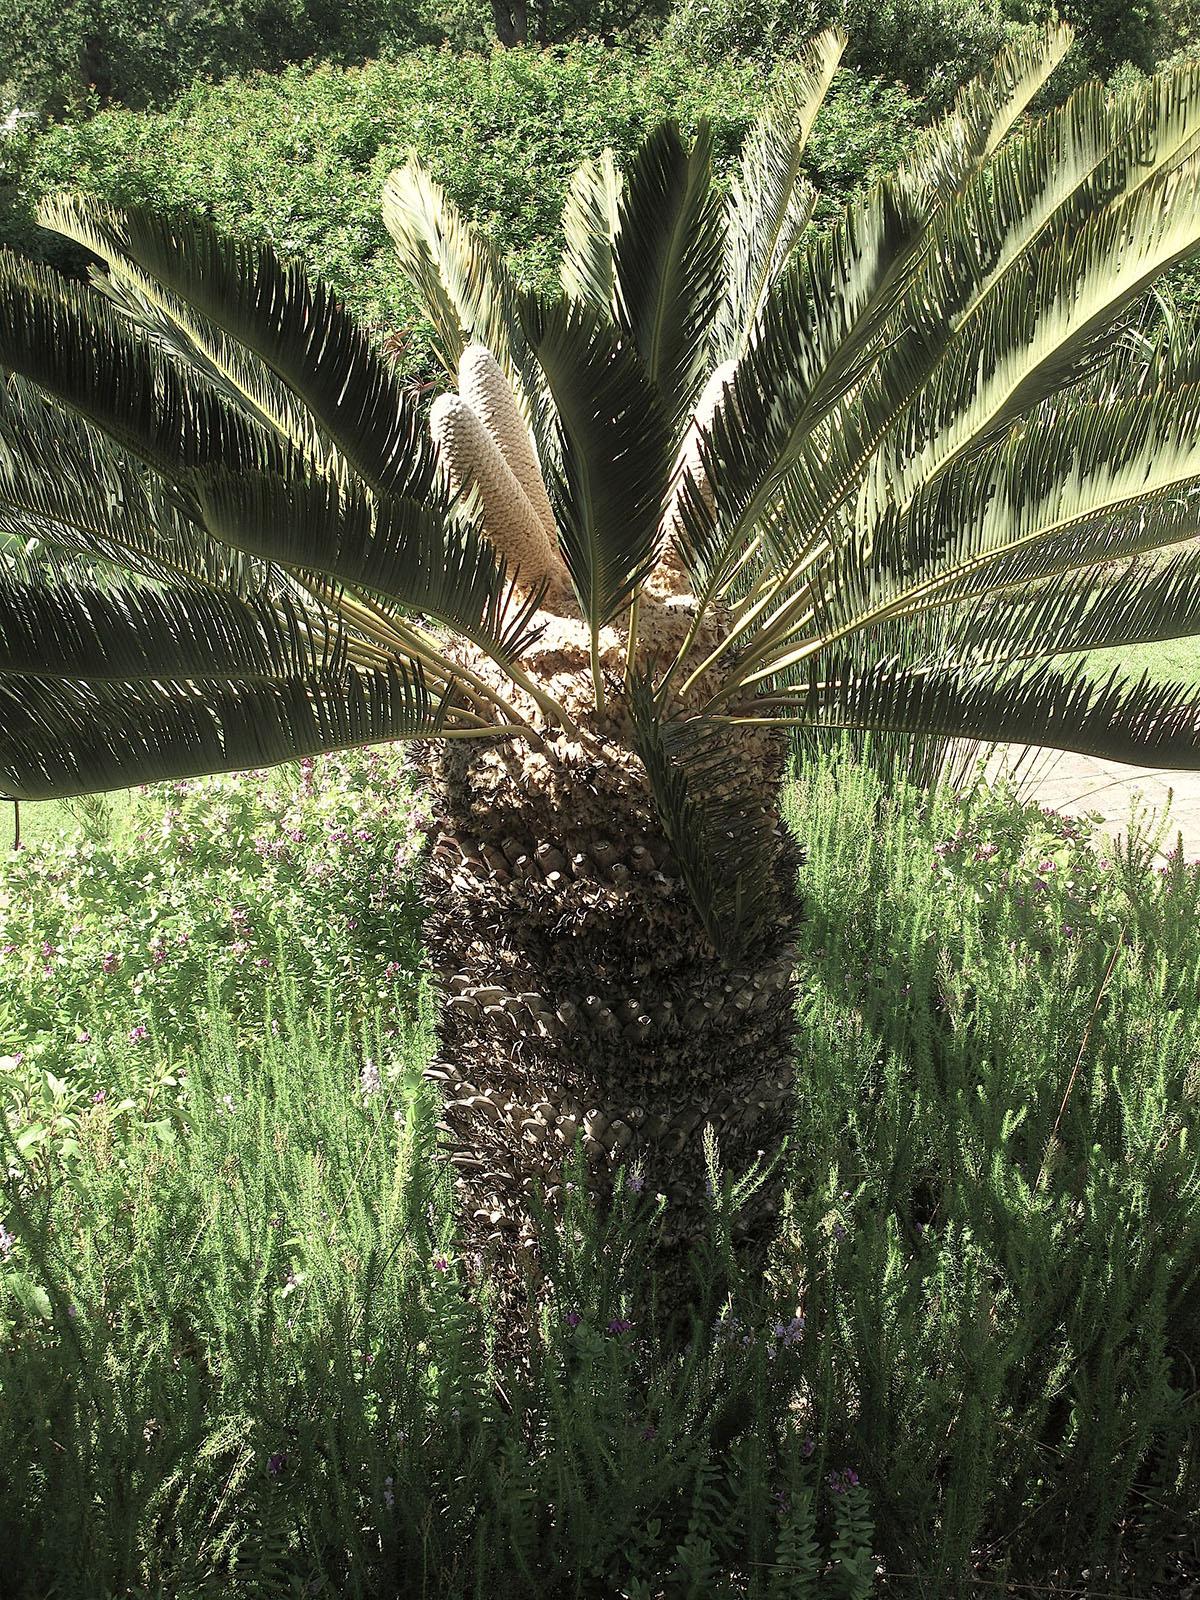 Encephalartos friderici-guilielmi 64